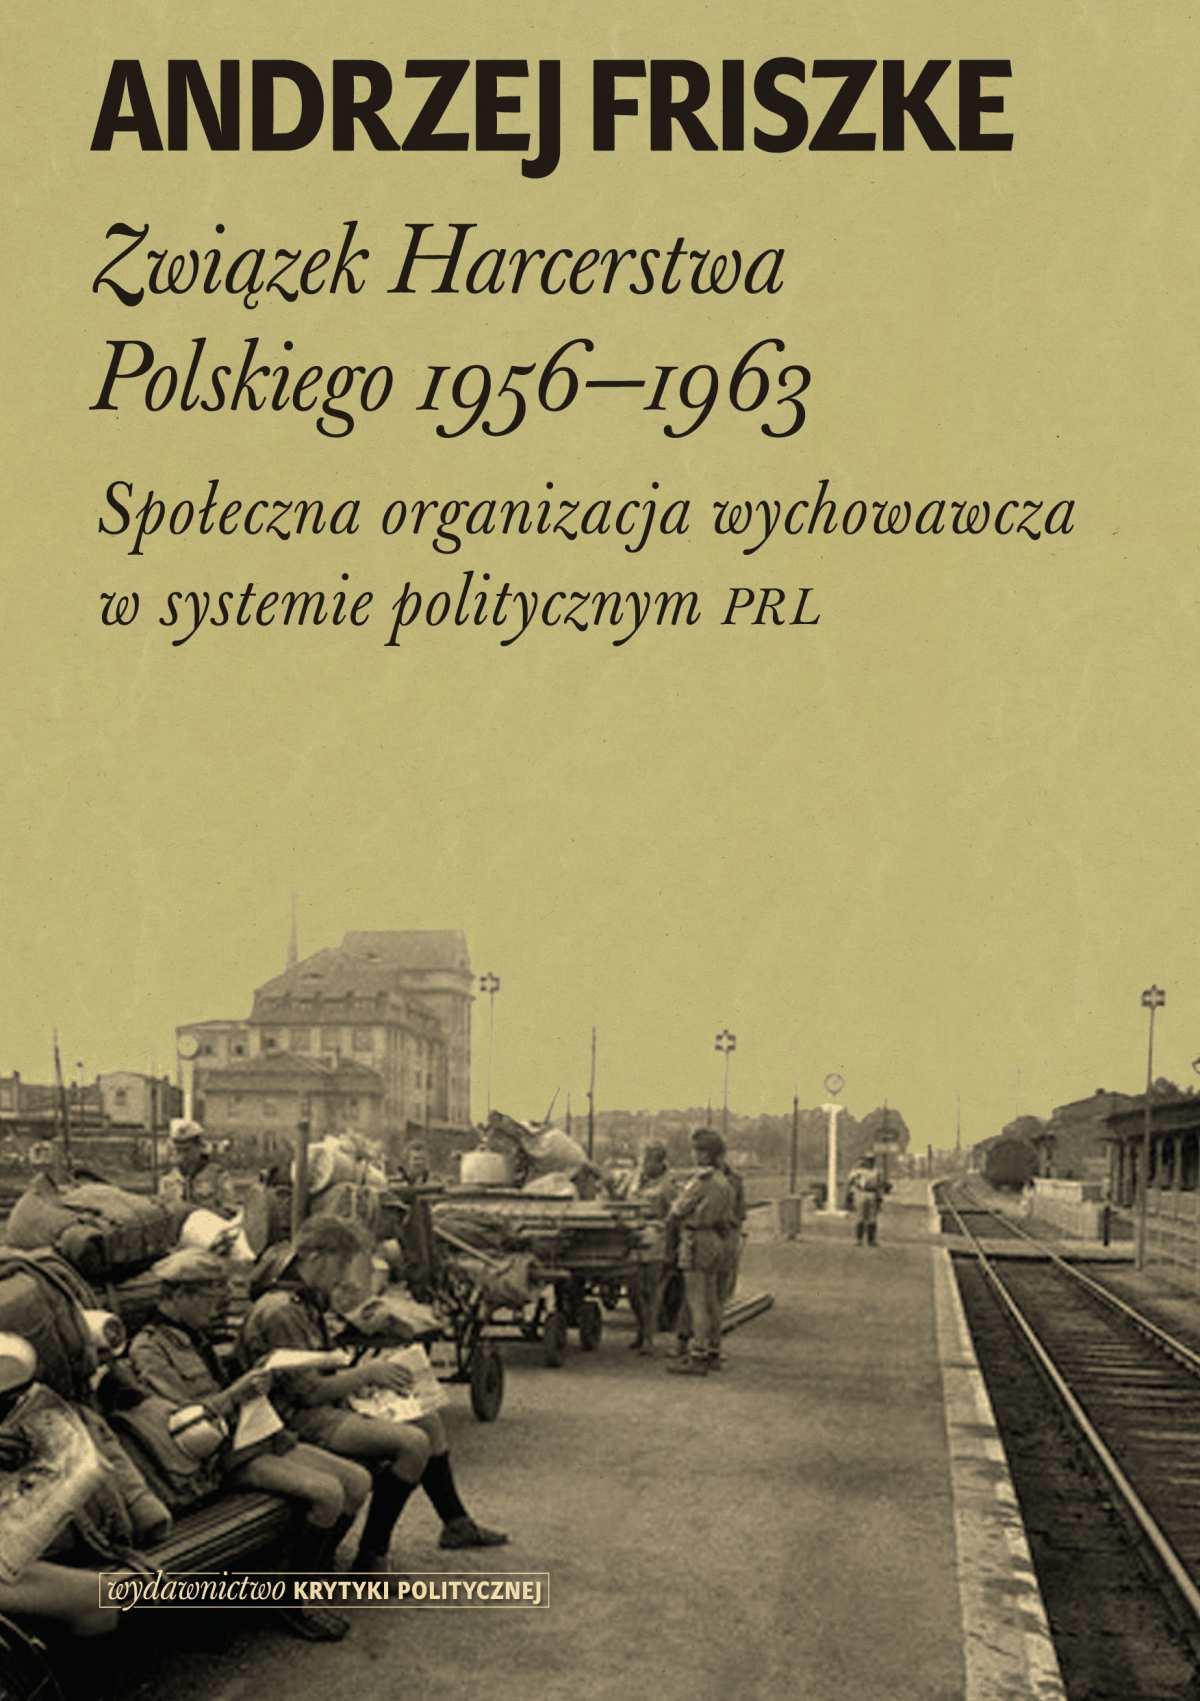 Związek Harcerstwa Polskiego 1956-1963 - Ebook (Książka EPUB) do pobrania w formacie EPUB